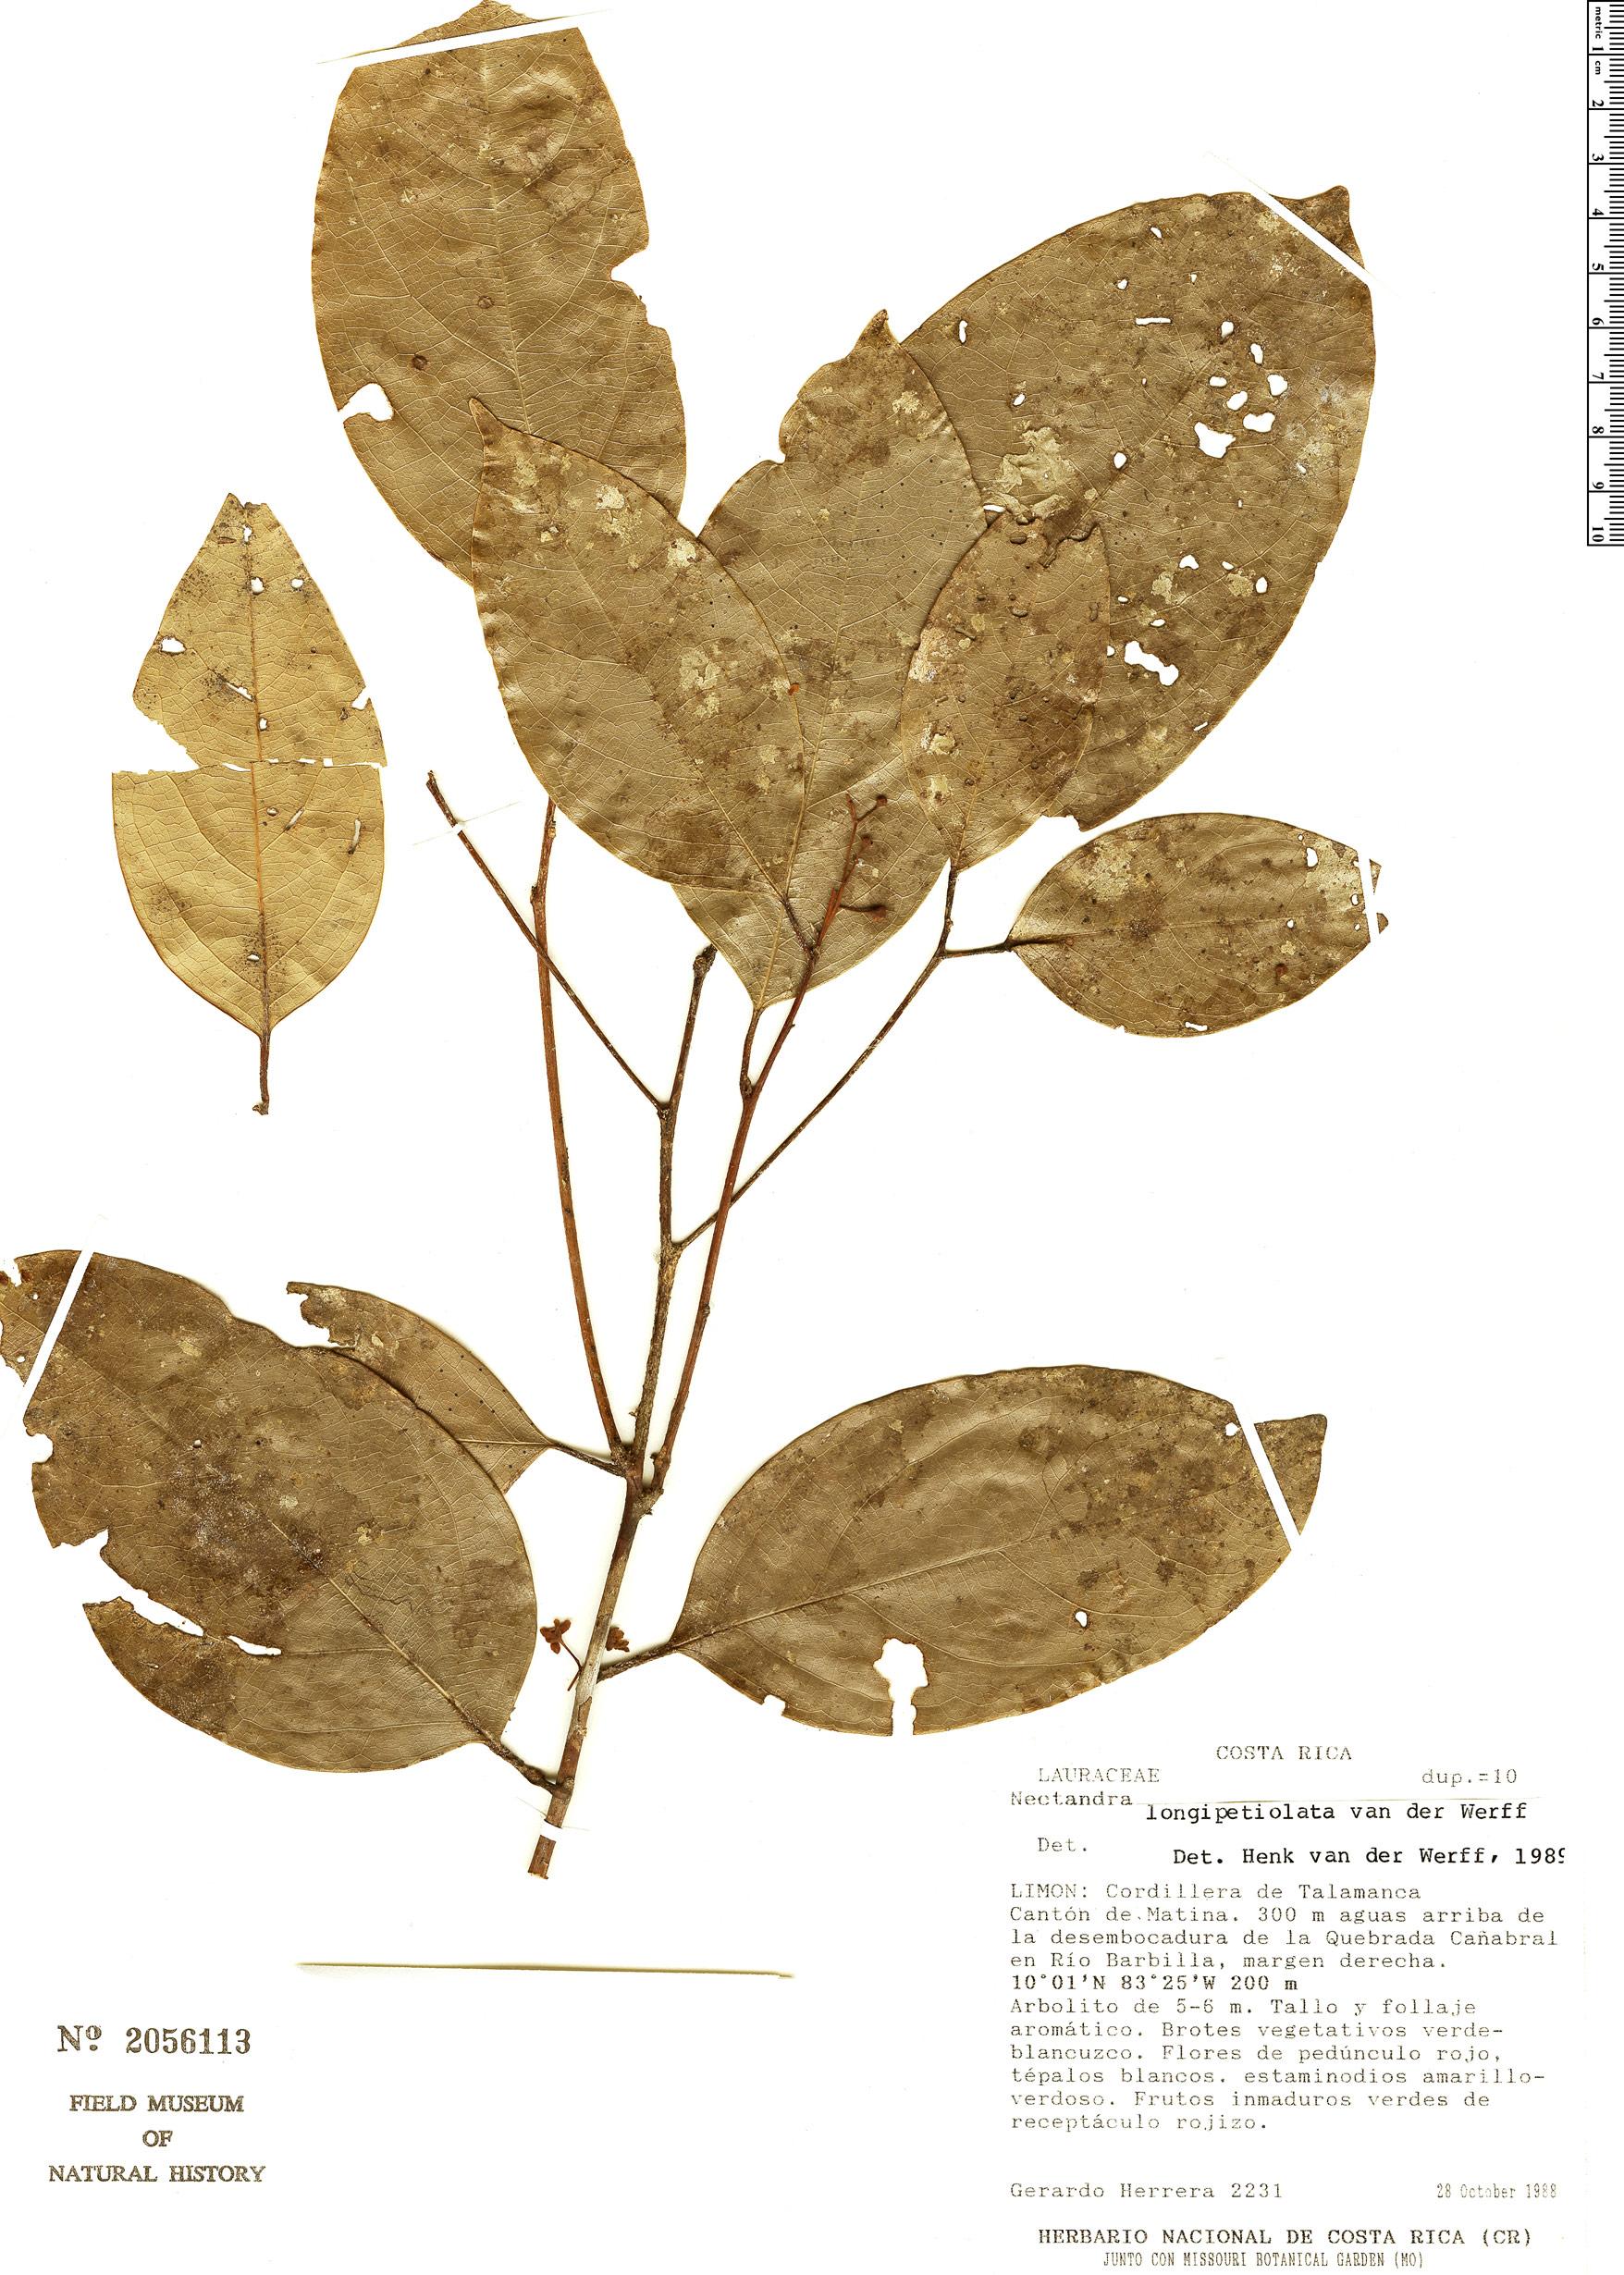 Espécime: Nectandra longipetiolata